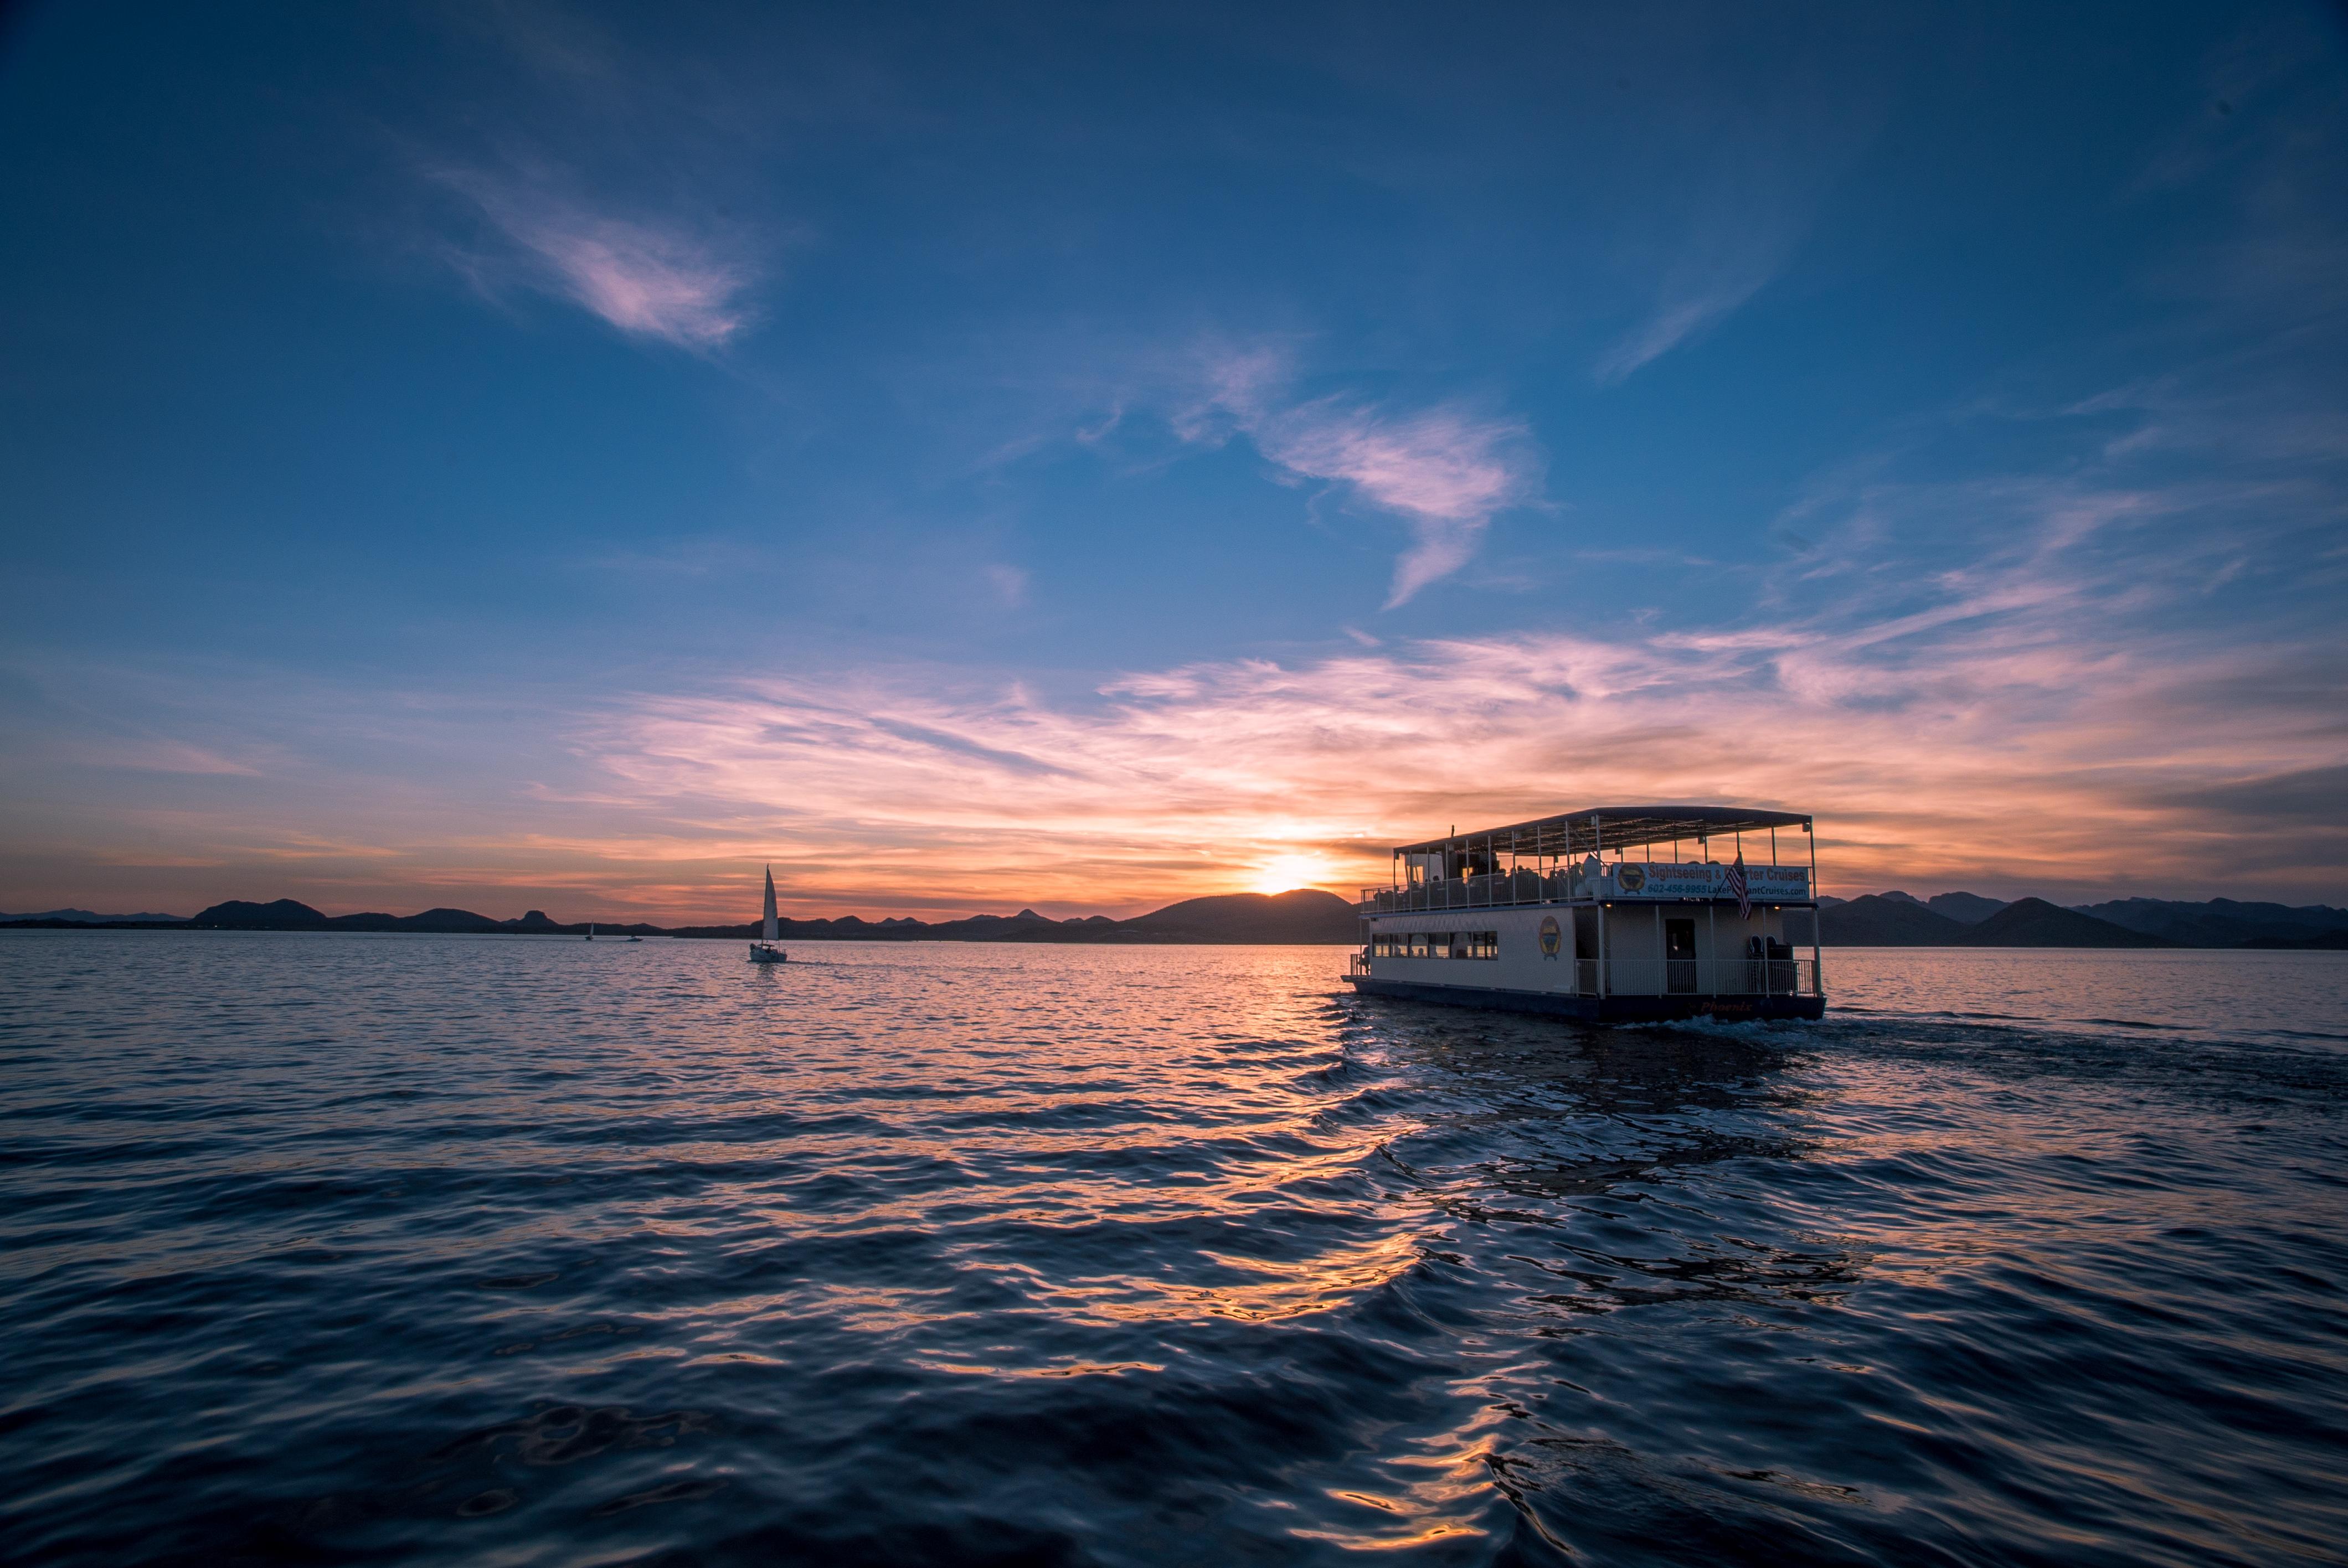 Sunset casino cruise.